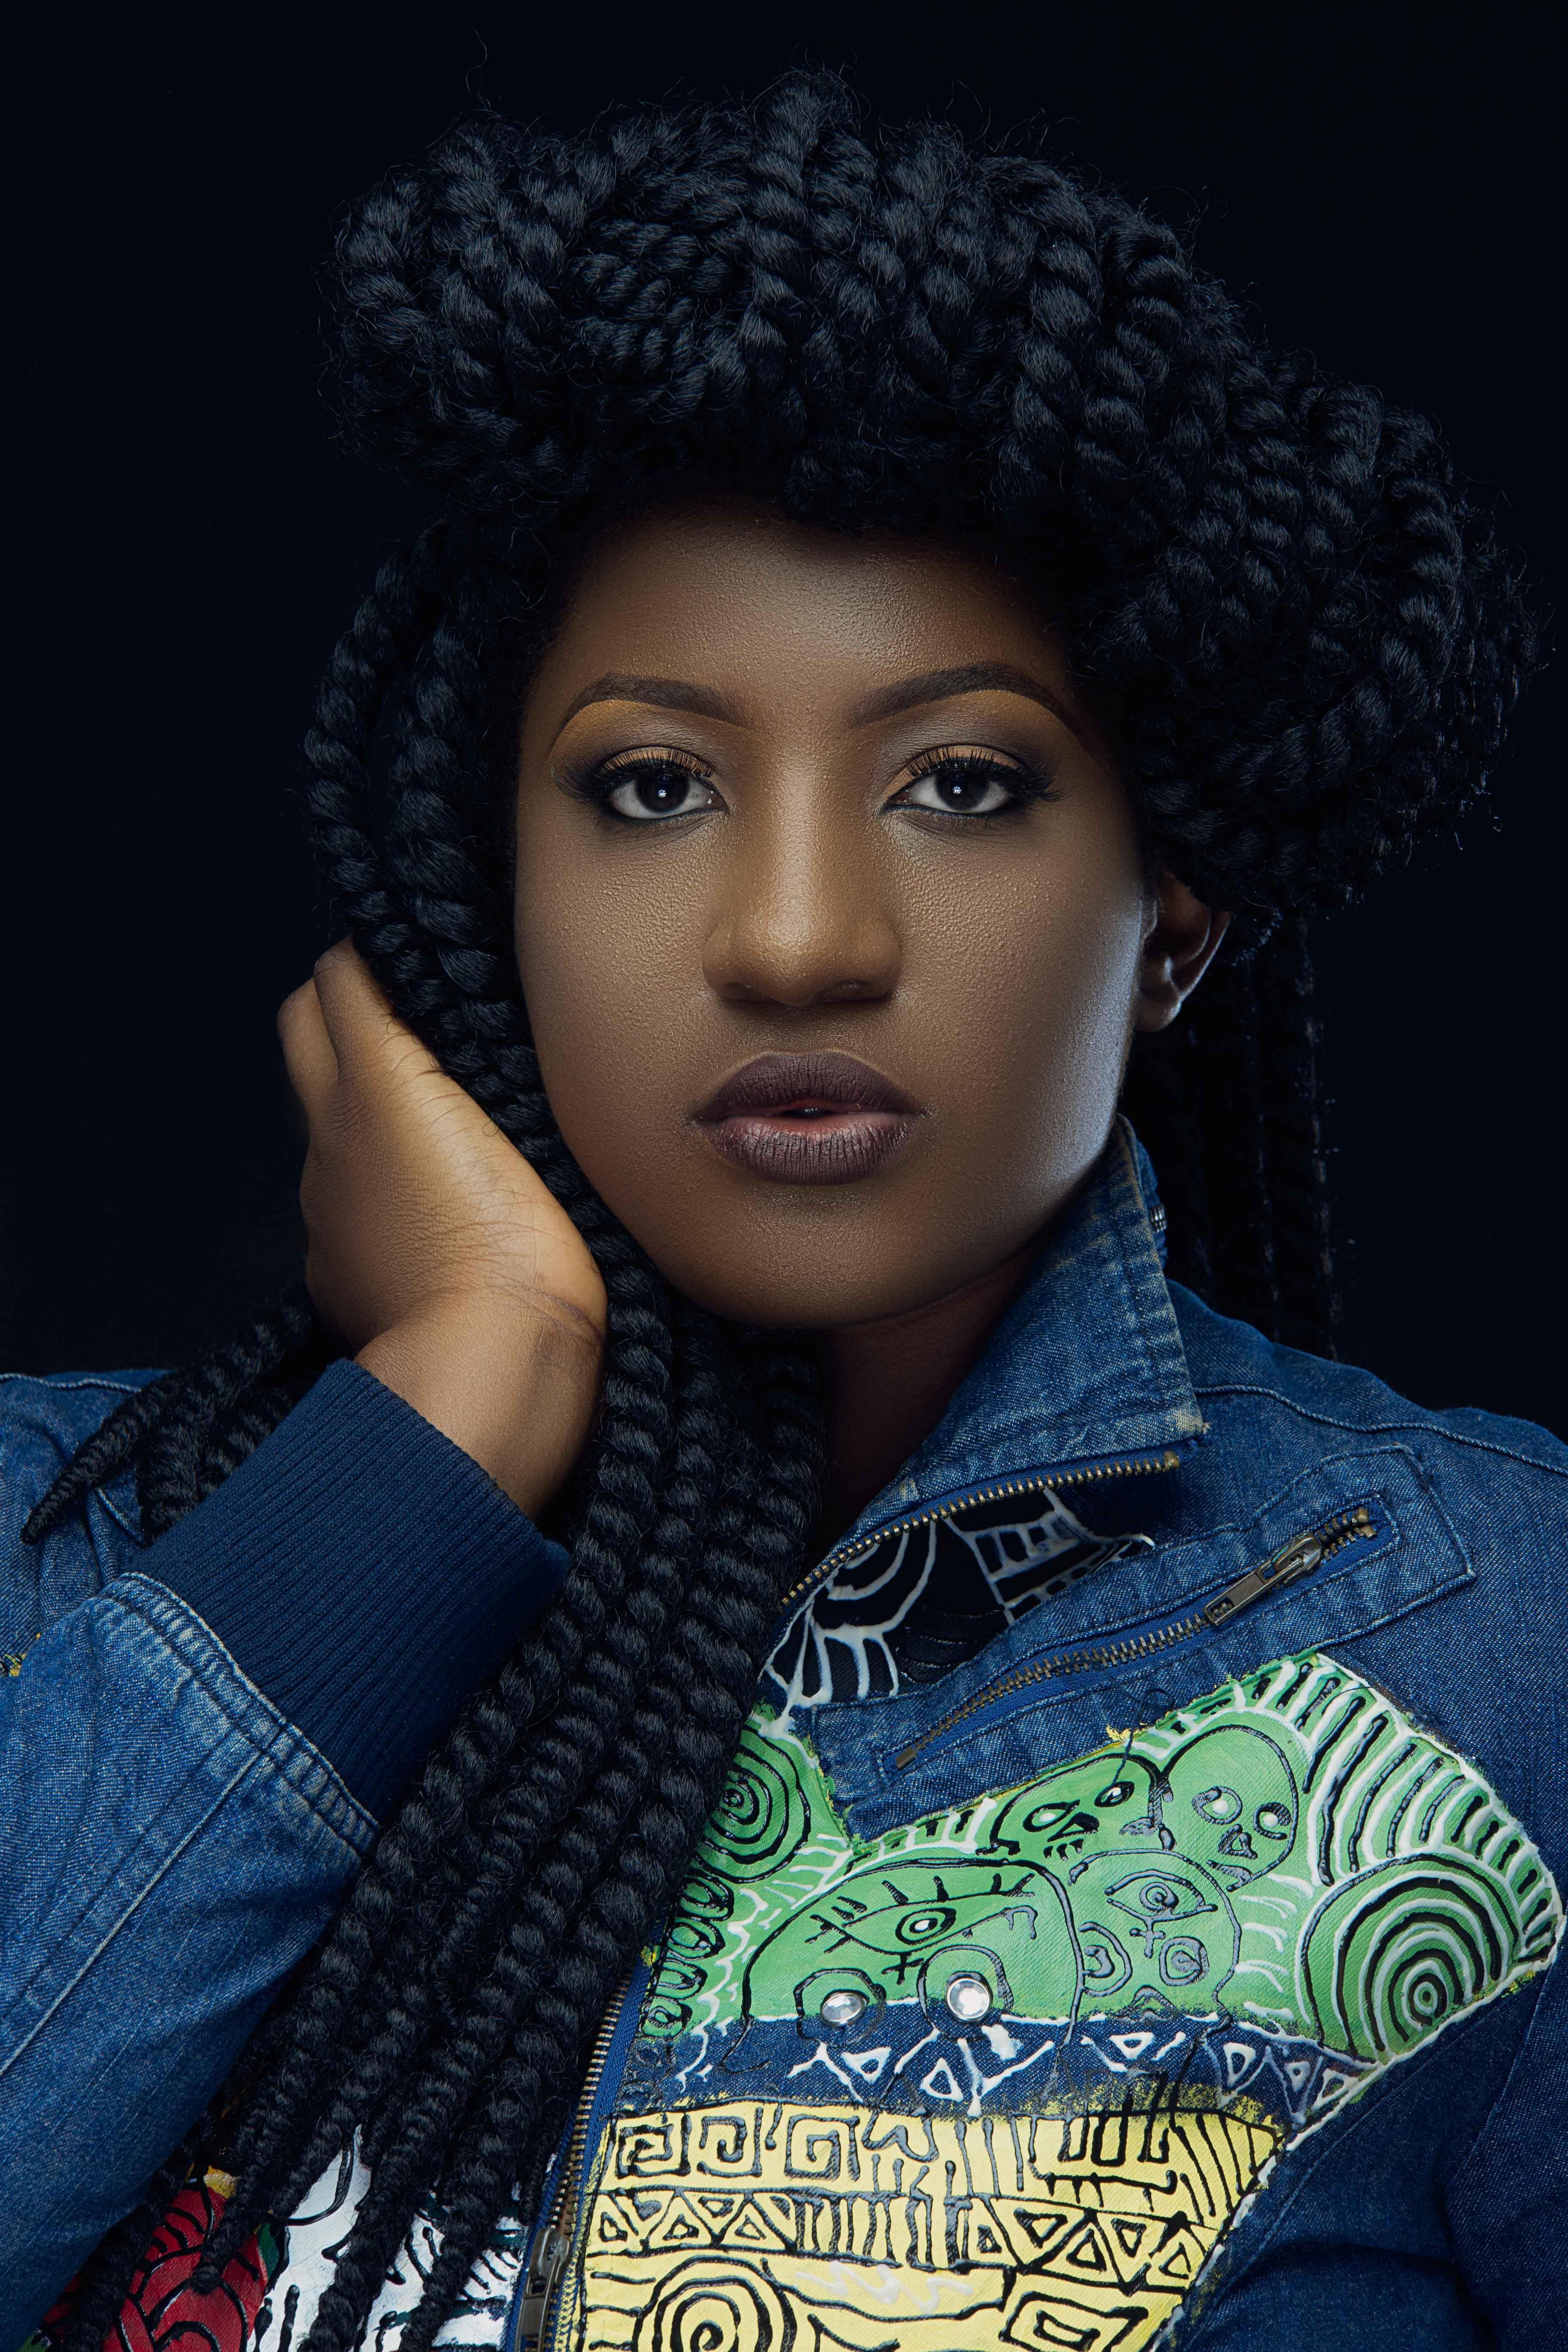 1000+ Beautiful Beautiful Black Women Photos · Pexels